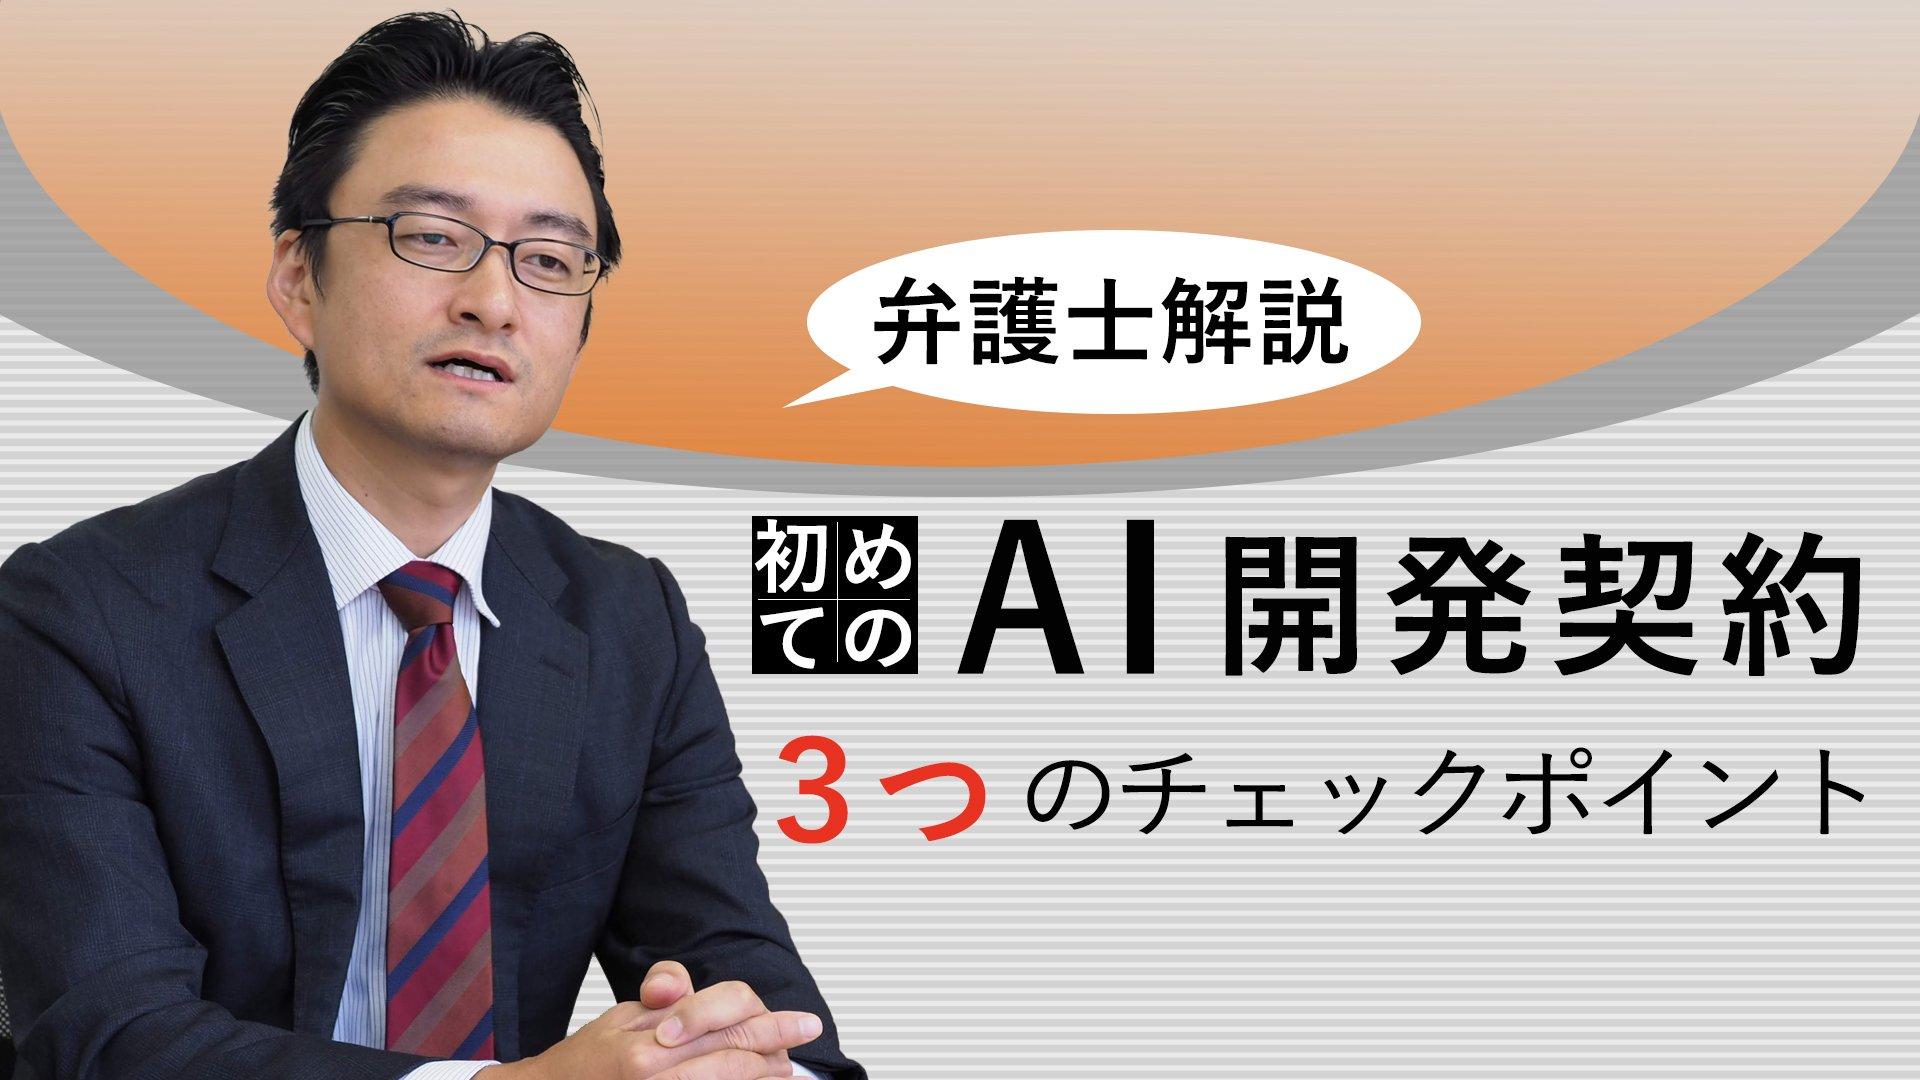 【弁護士解説】初めてのAI開発契約 3つのチェックポイント